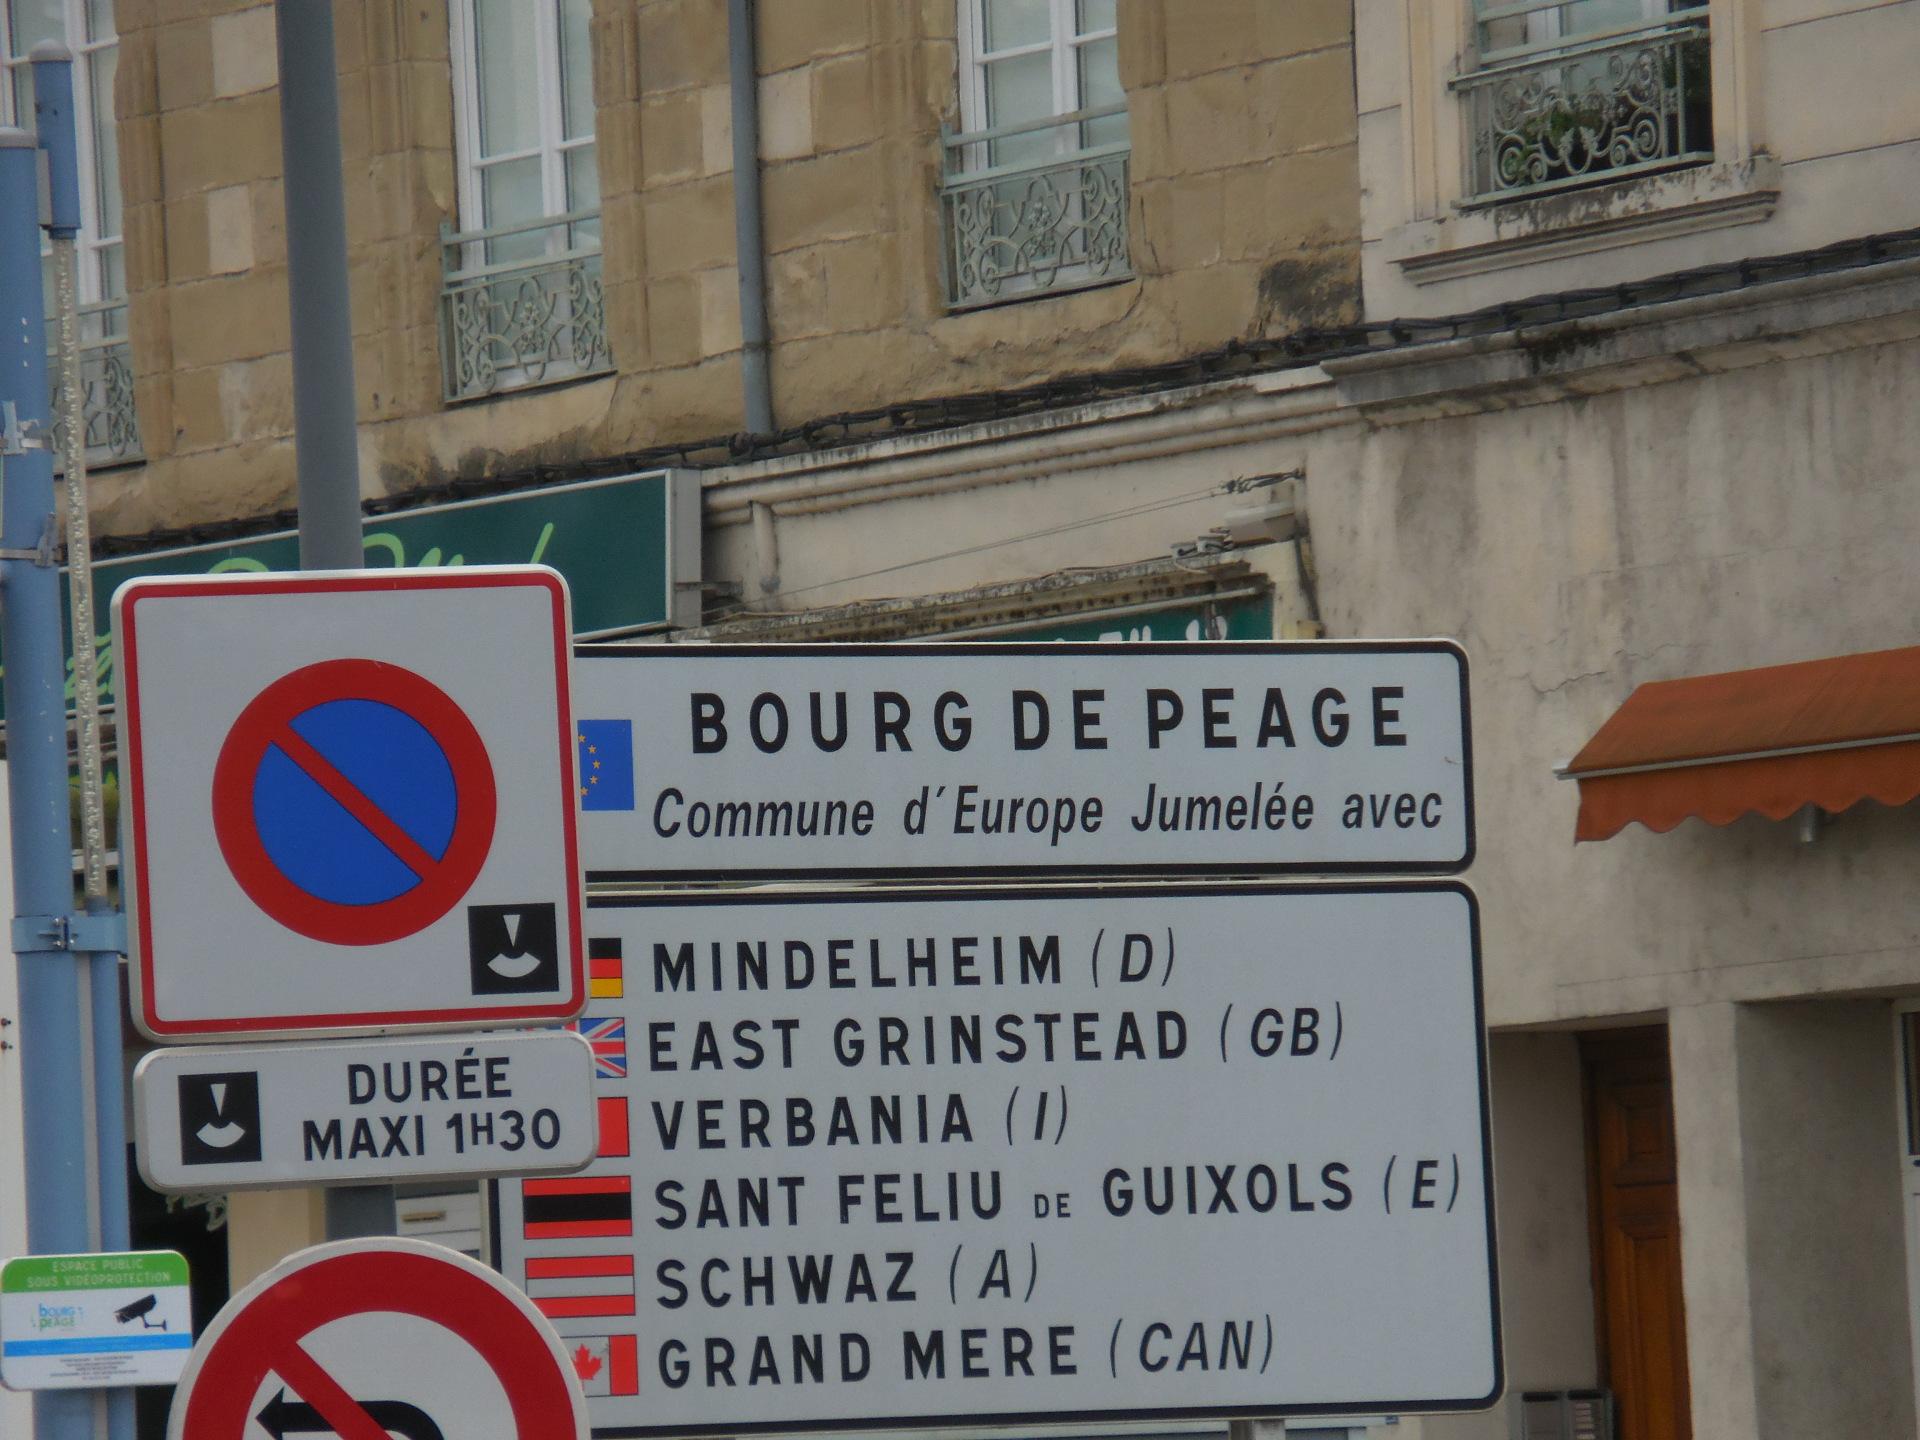 Bourg De Peage